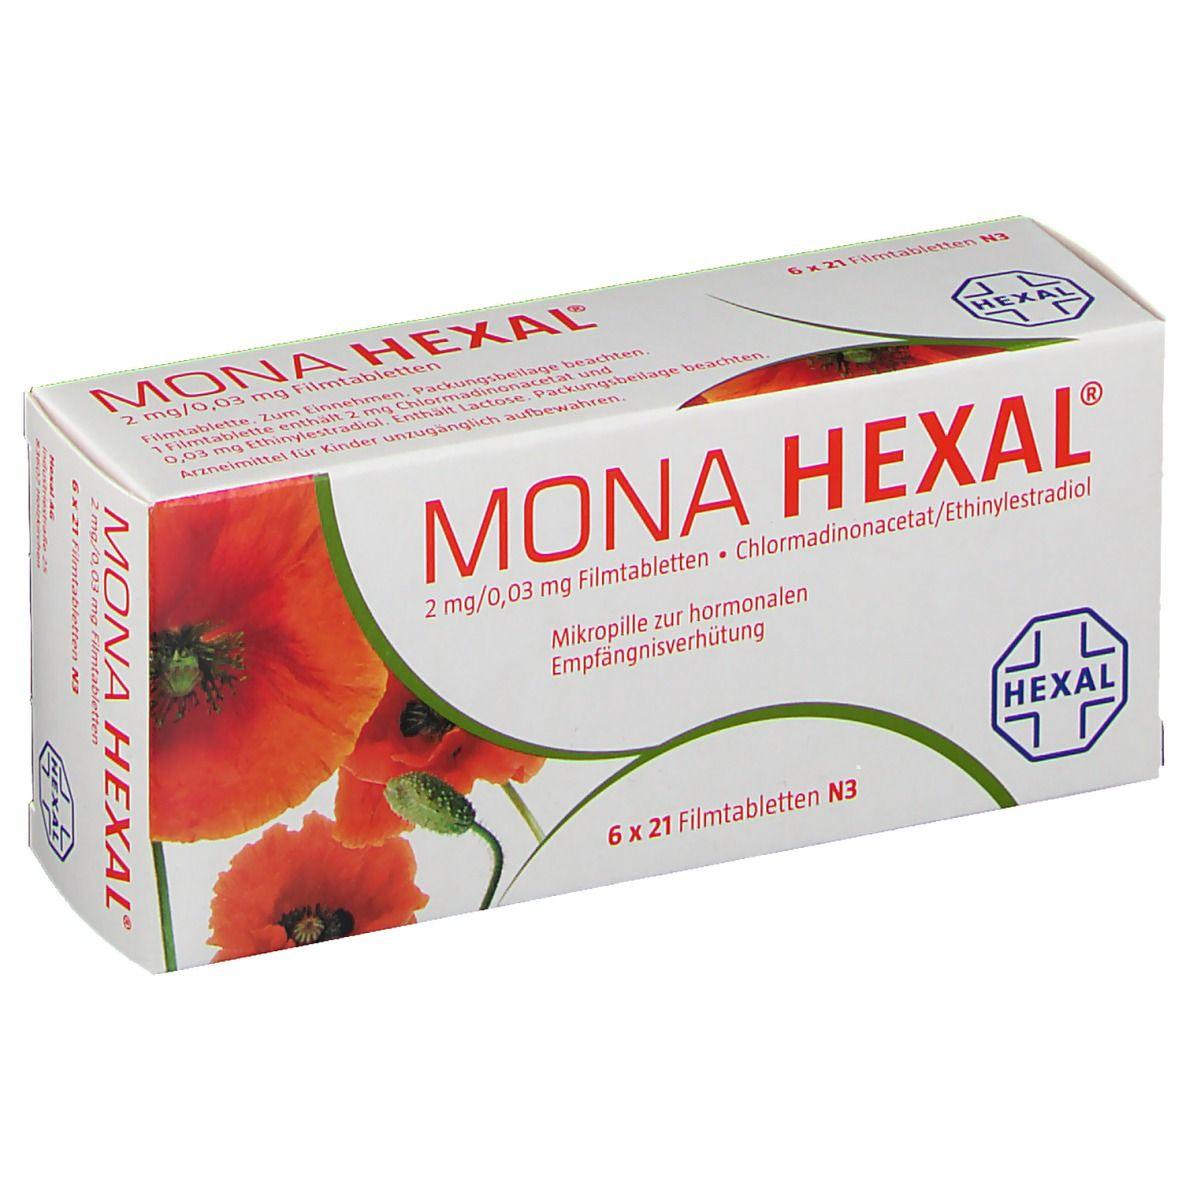 MONA HEXAL® 2 mg/ 0,03 mg Filmtabletten 6X21 St - shop